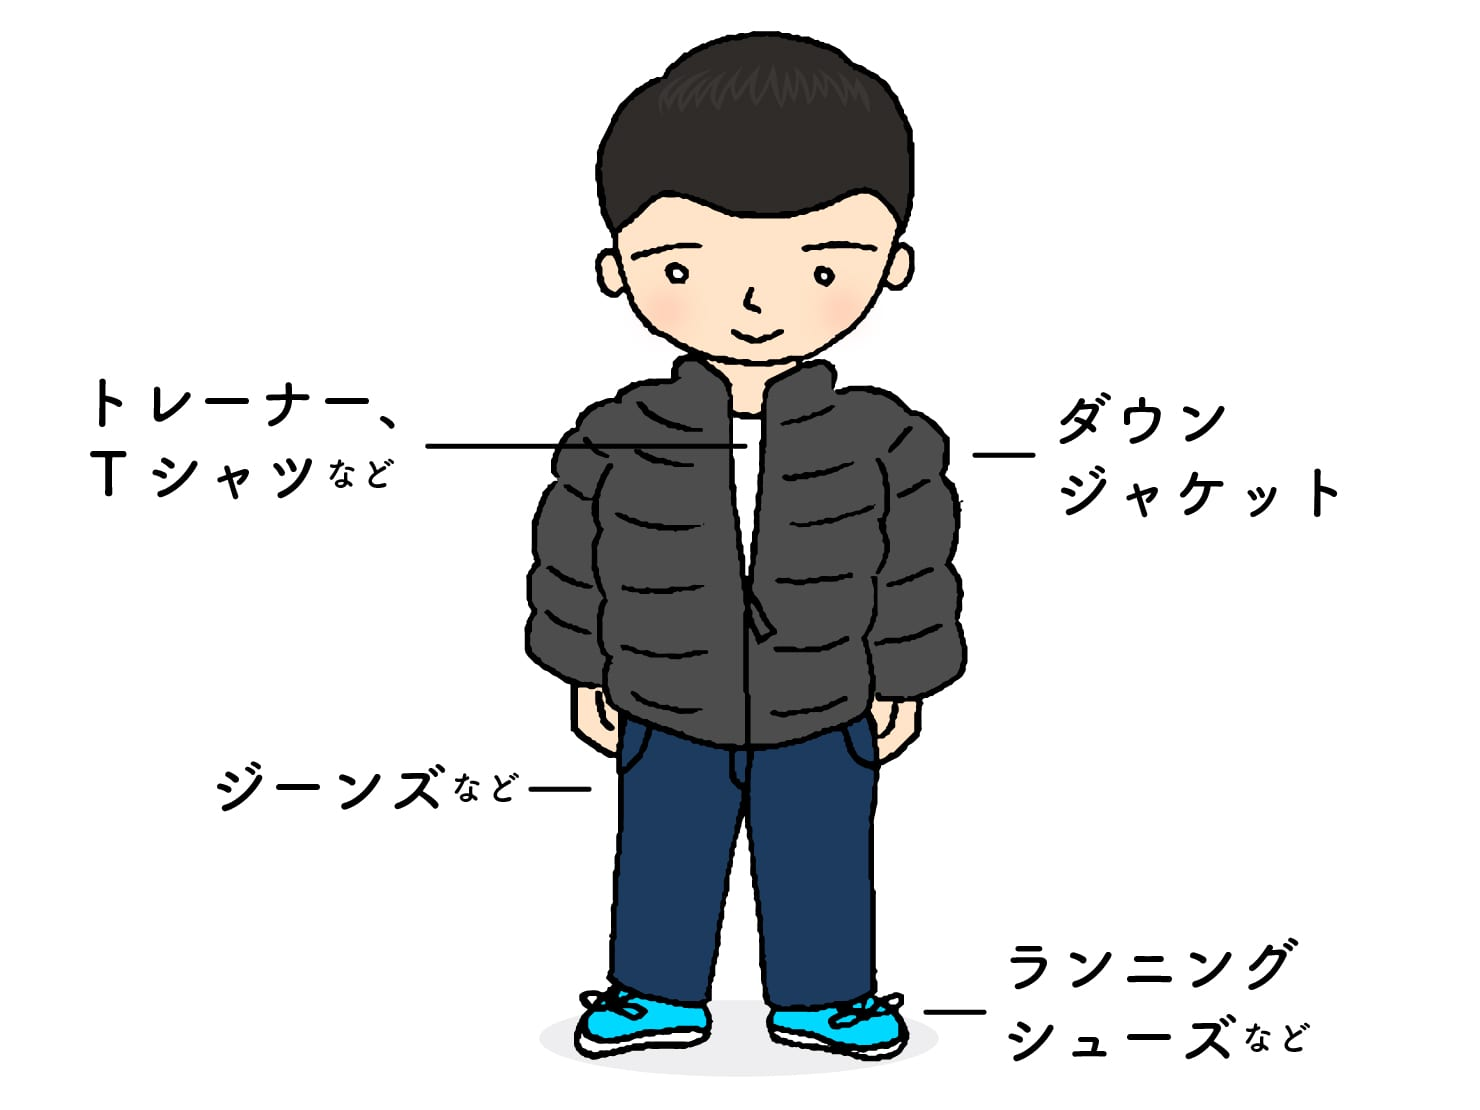 台湾男子お気に入りの冬コーデ「ダウンジャケット」